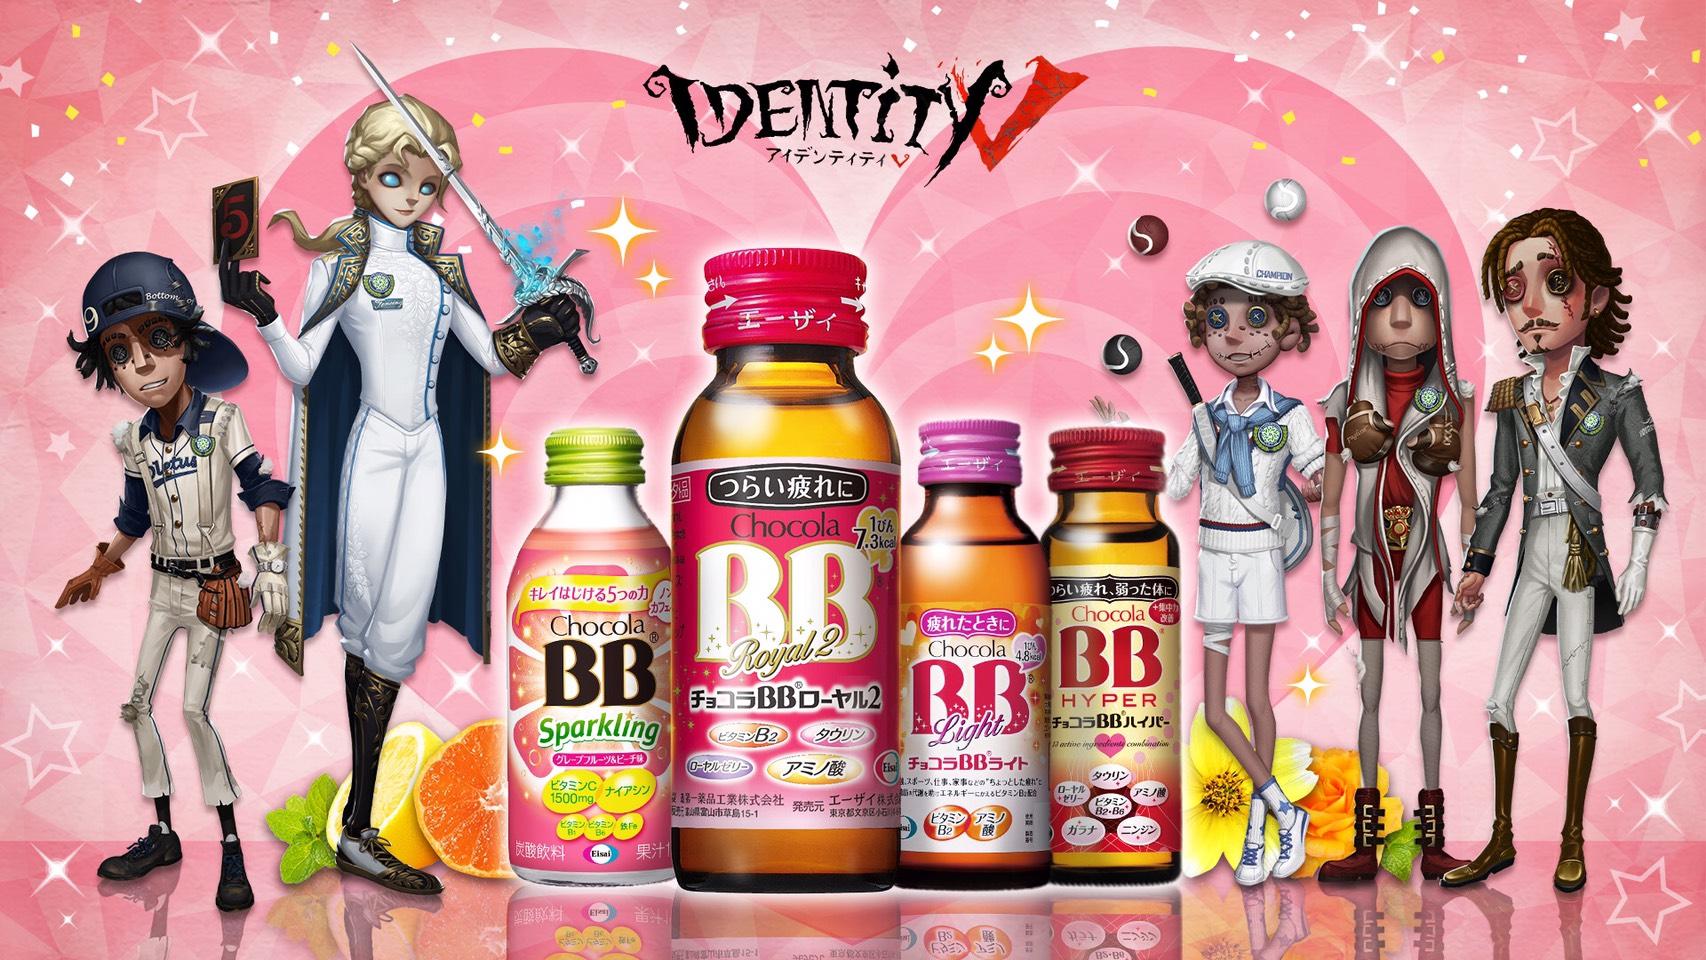 「IdentityV 第五人格」ドリンクを買ってオリジナル缶バッジを貰おう!キャンペーンがセブンで開催中